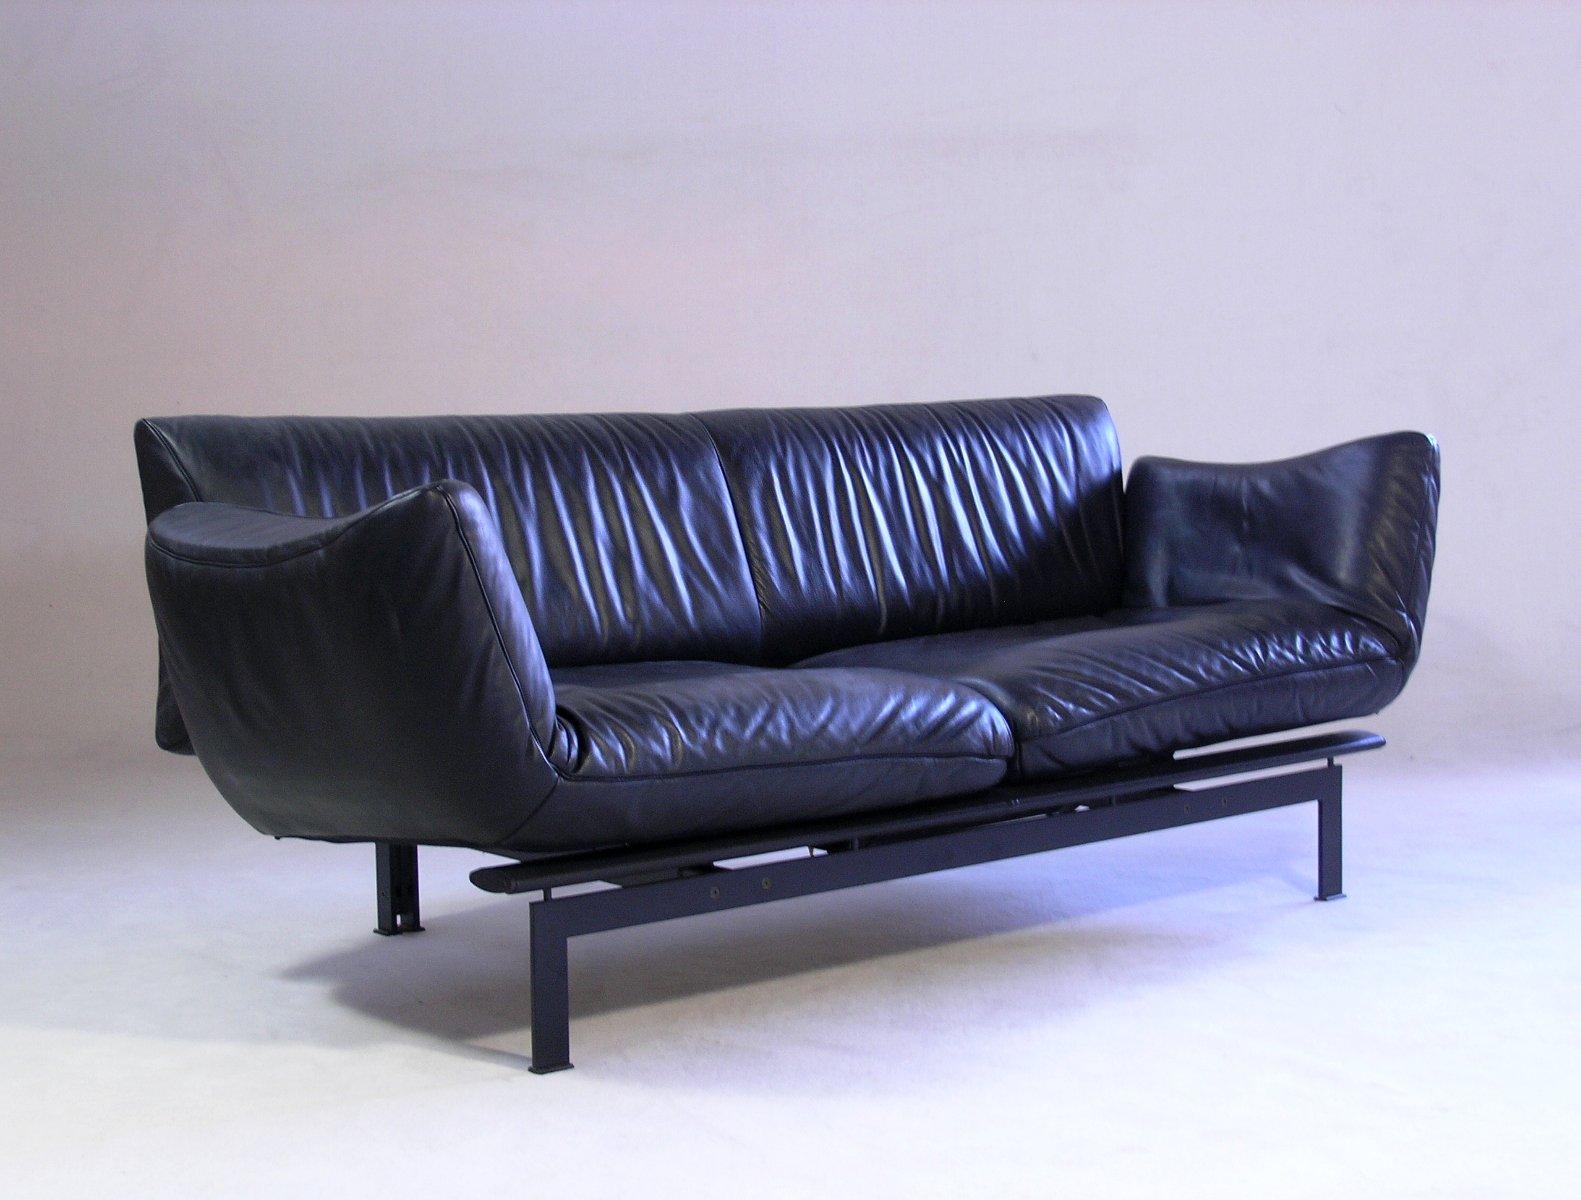 Reto Frigg, Functional Sofa Model DS 140 For De Sede